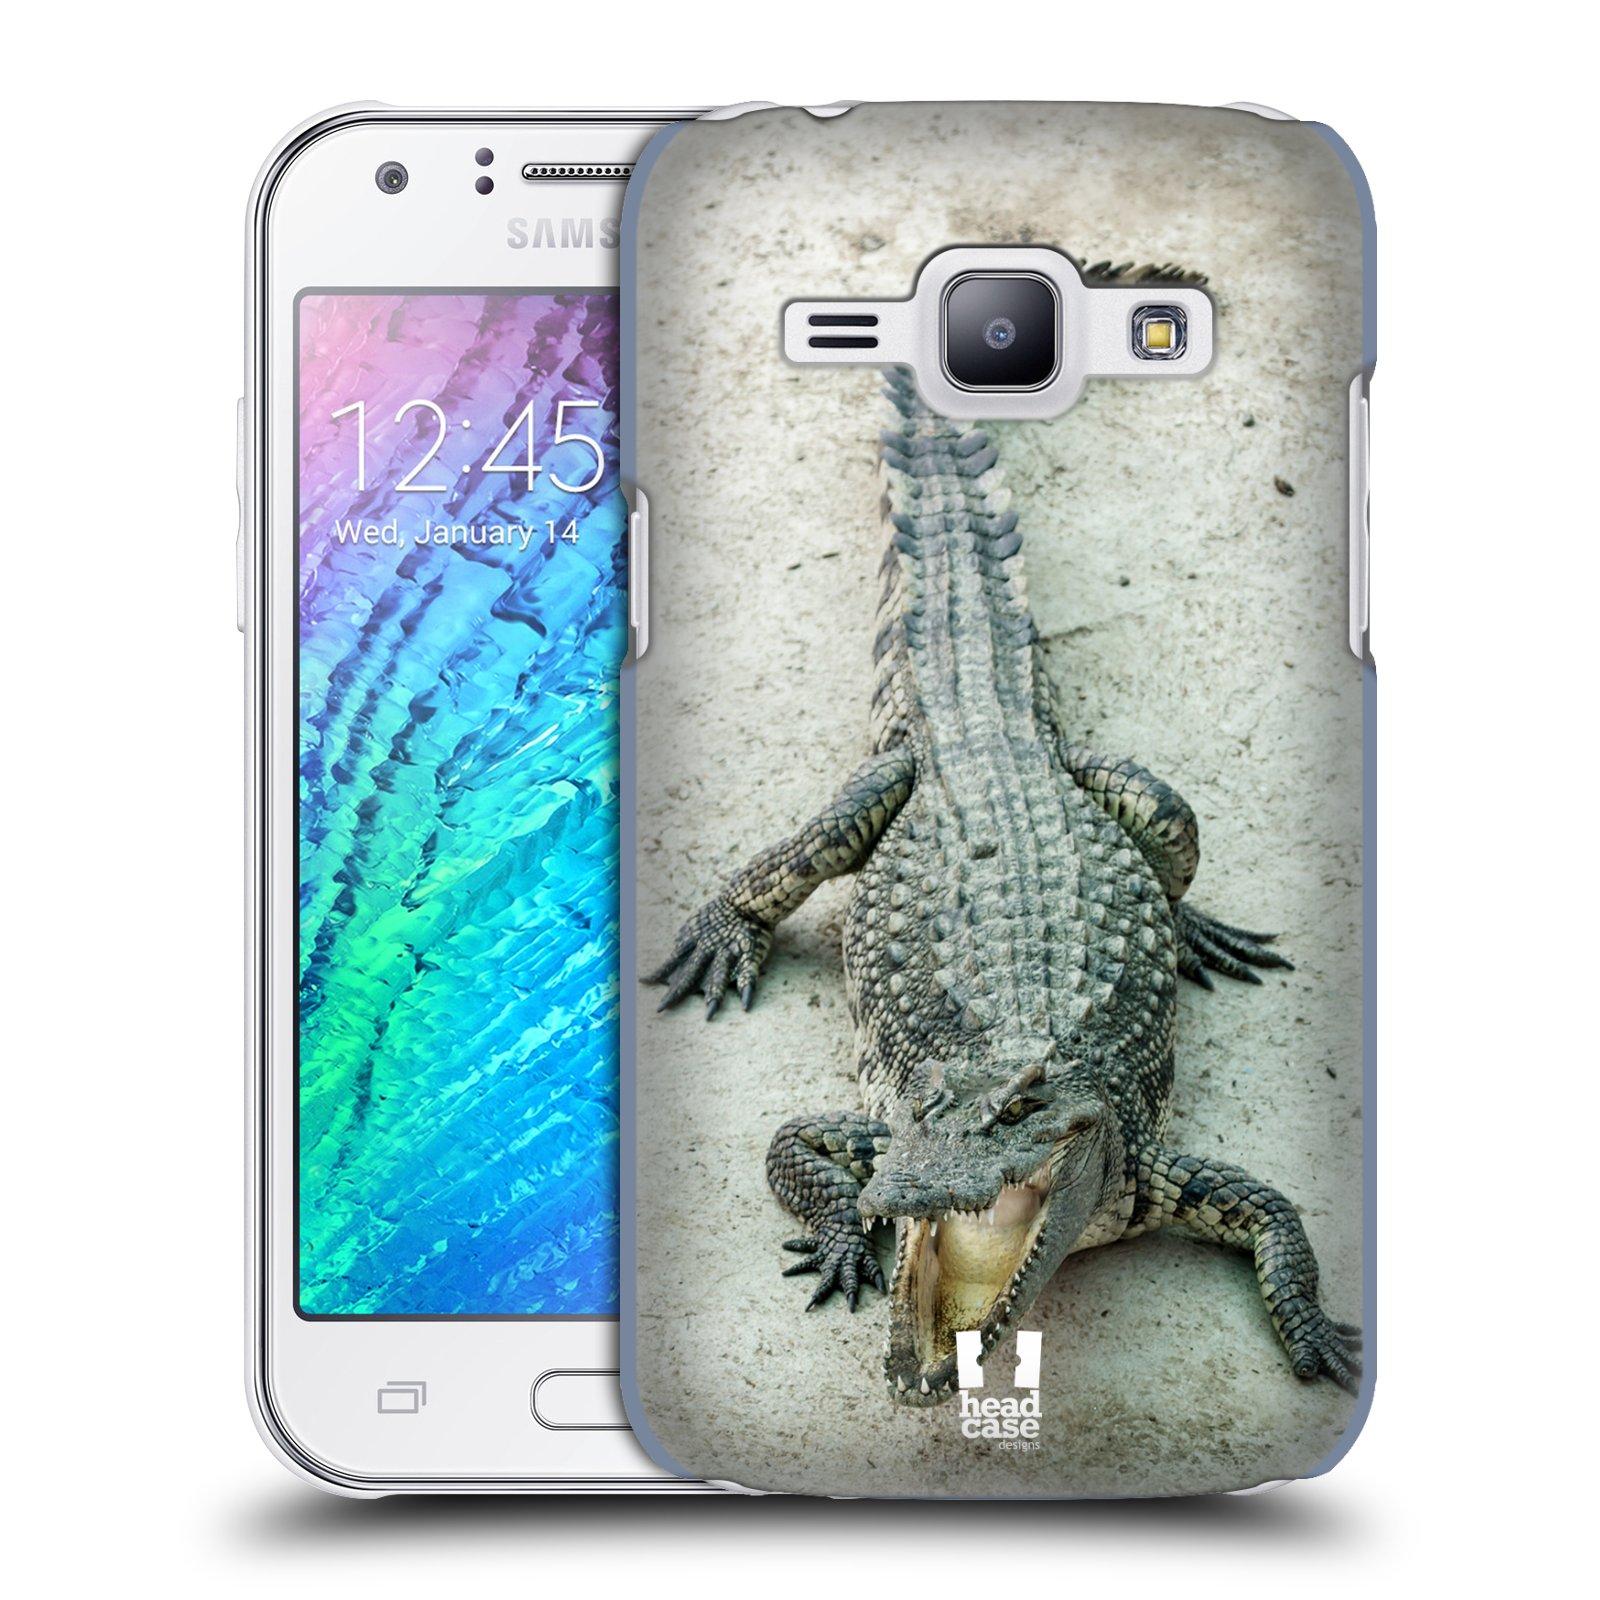 HEAD CASE plastový obal na mobil SAMSUNG Galaxy J1, J100 vzor Divočina, Divoký život a zvířata foto KROKODÝL, KAJMAN